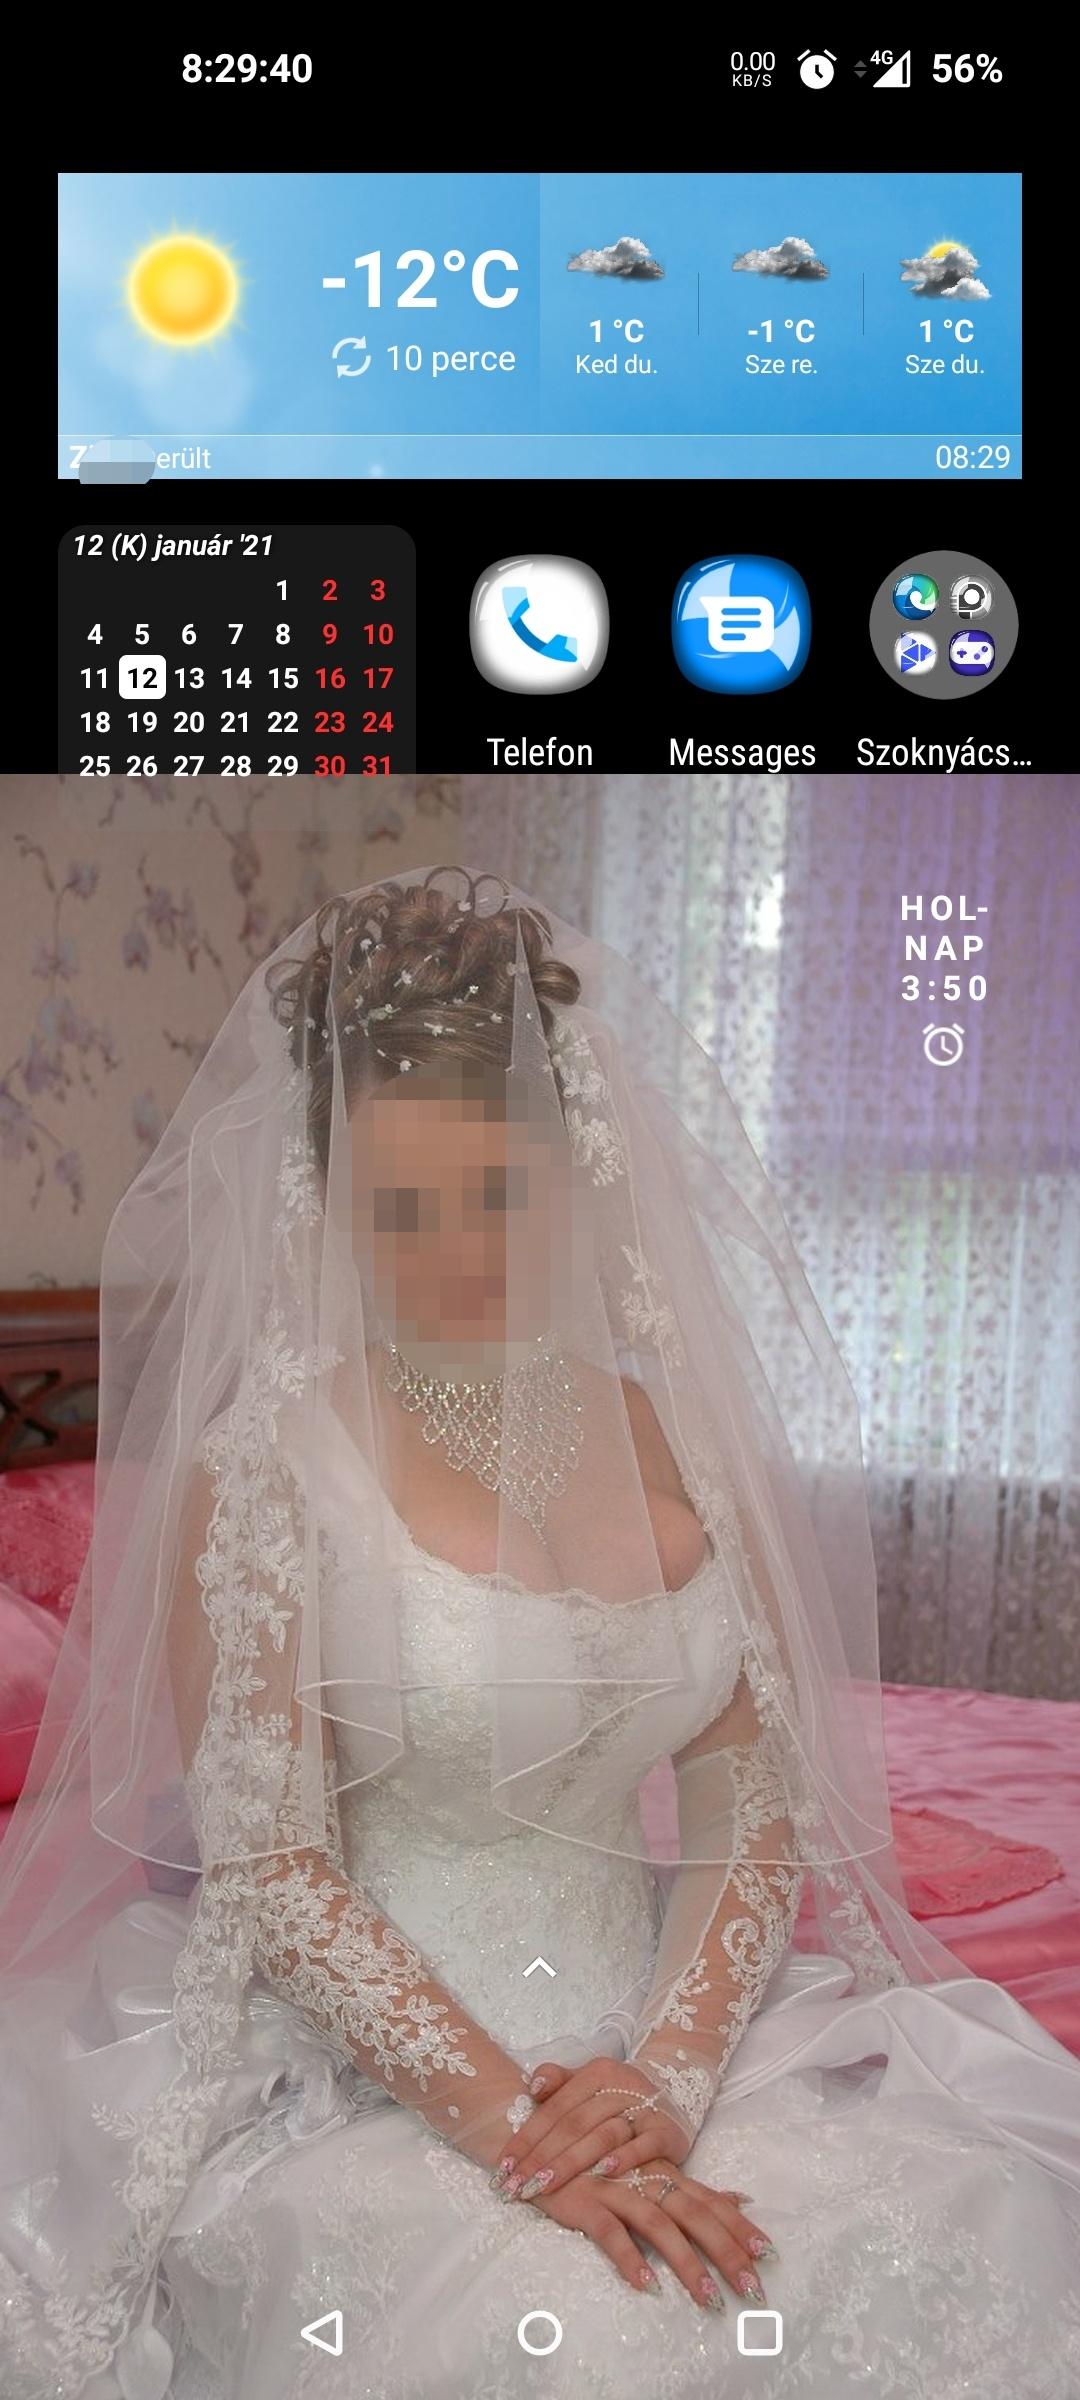 Screenshot_20210112-082941__01.jpg